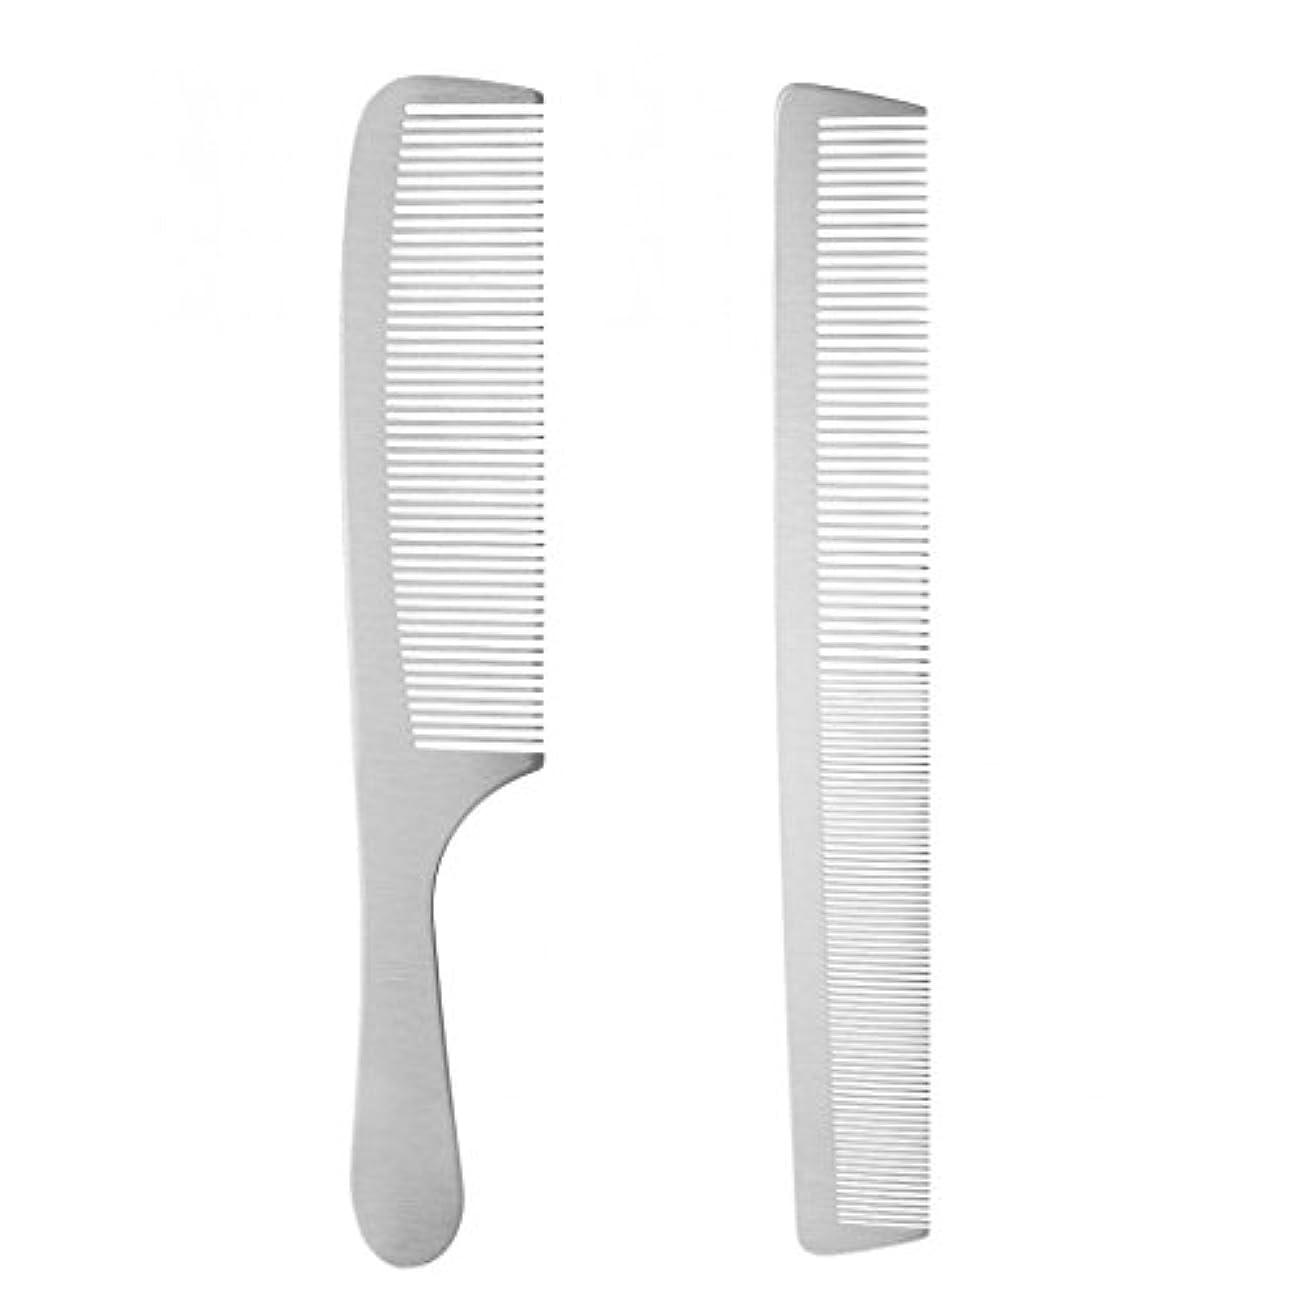 クラウン多様体カードBaosity 2個 ヘアスタイリング ヘアカットコーム 櫛 ヘアブラシ ステンレス鋼 サロン 理髪師 カッティング 耐久性 耐熱性